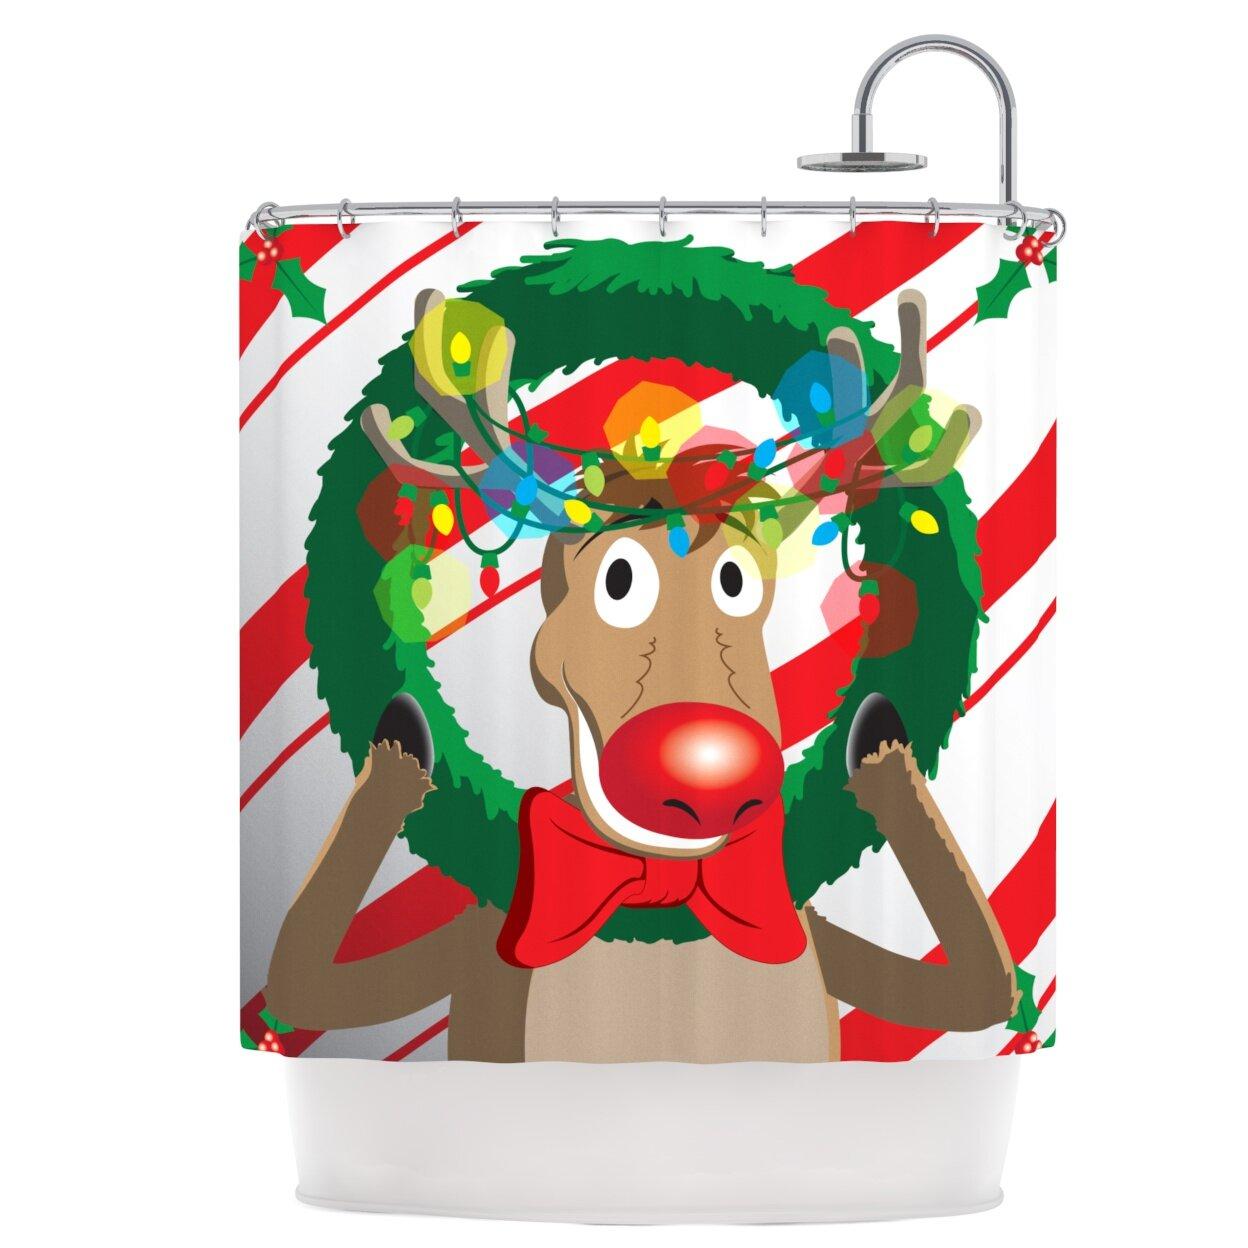 East Urban Home Reindeer Seasonal Shower Curtain & Reviews | Wayfair